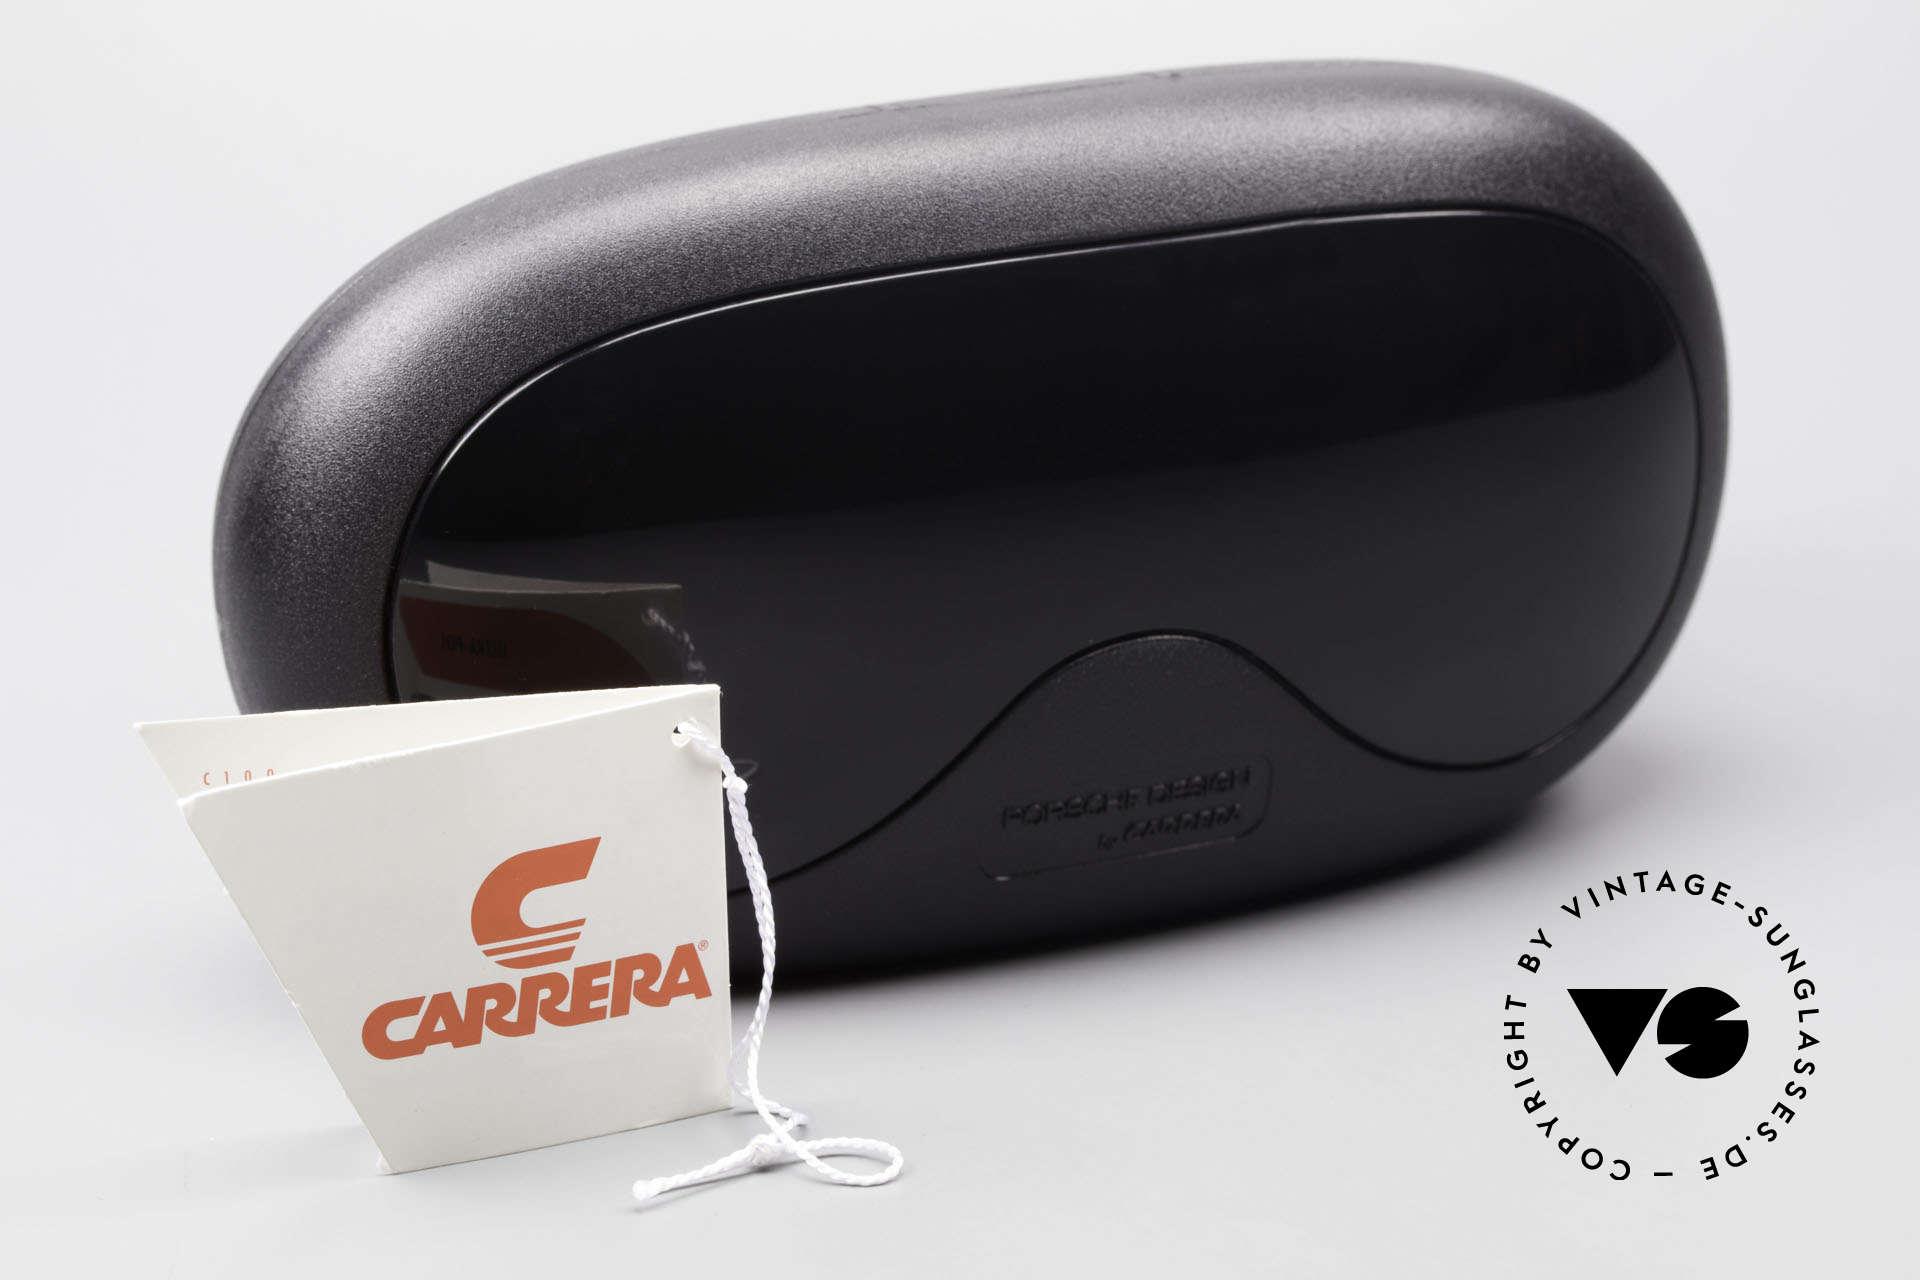 Carrera 5407 80's Sports Aviator Sunglasses, NO retro sunglasses but an old original from 1989, Made for Men